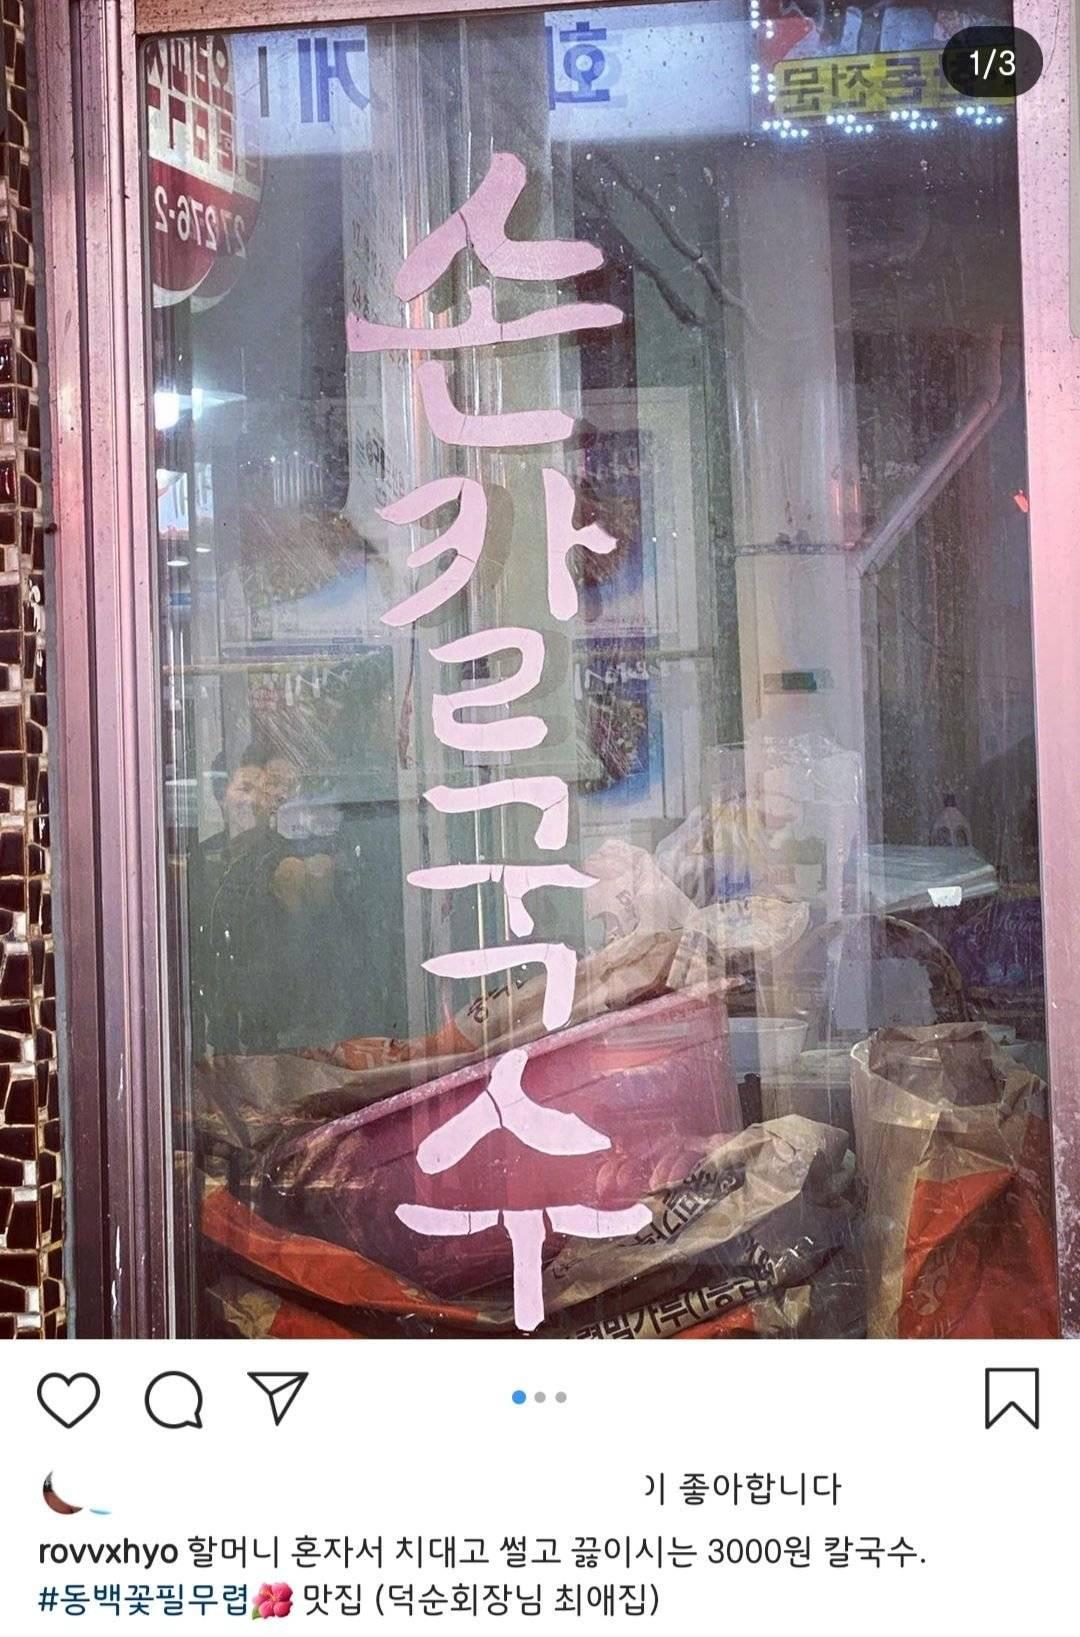 공효진 추천 포항 구룡포 로컬 맛집들.jpg | 인스티즈